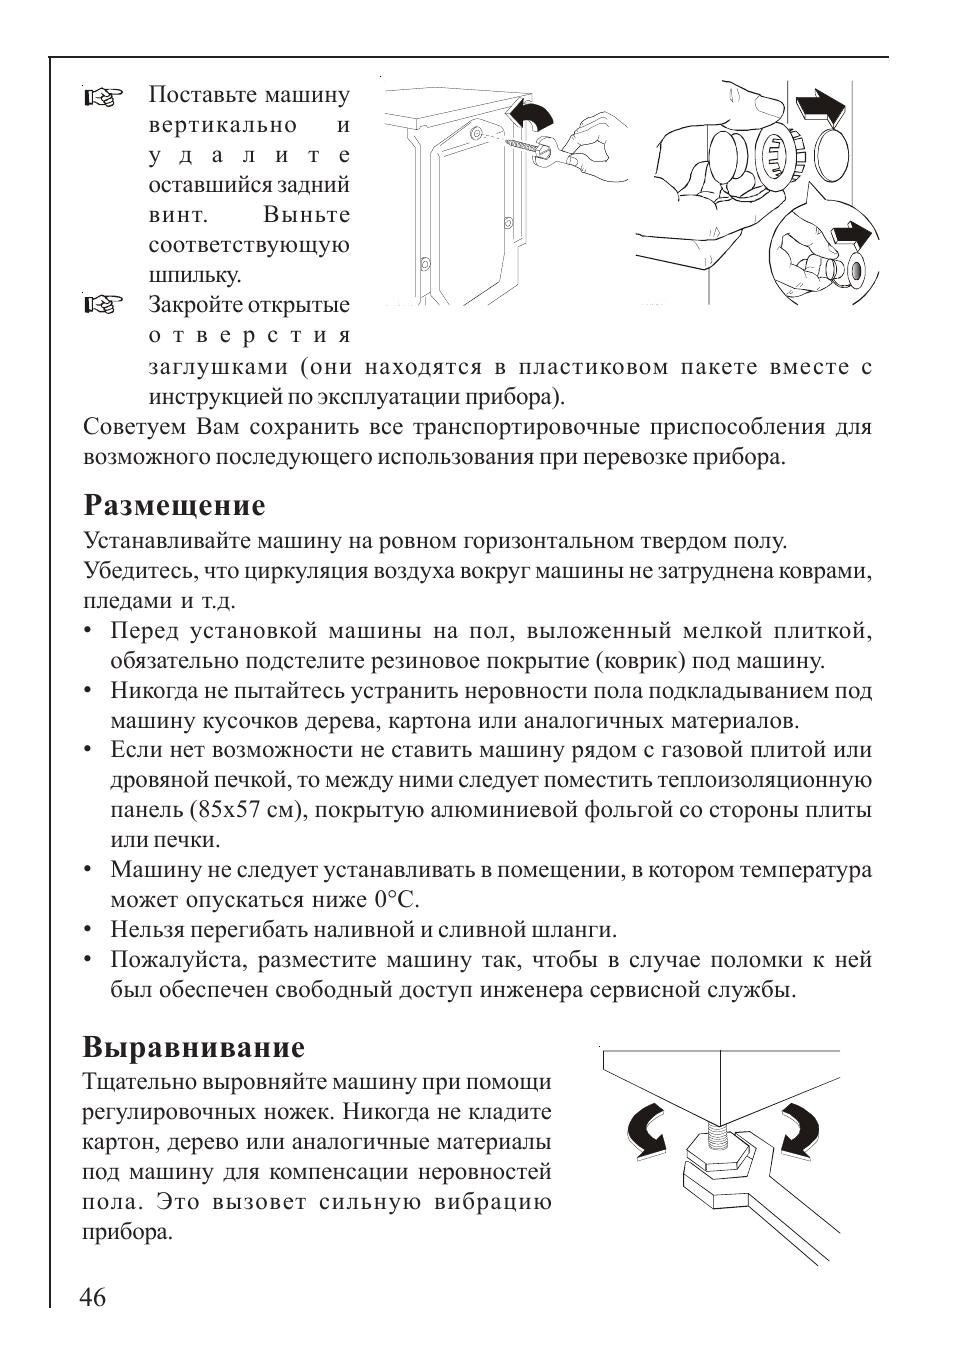 инструкция аег стиральная машина lavamat 46210l